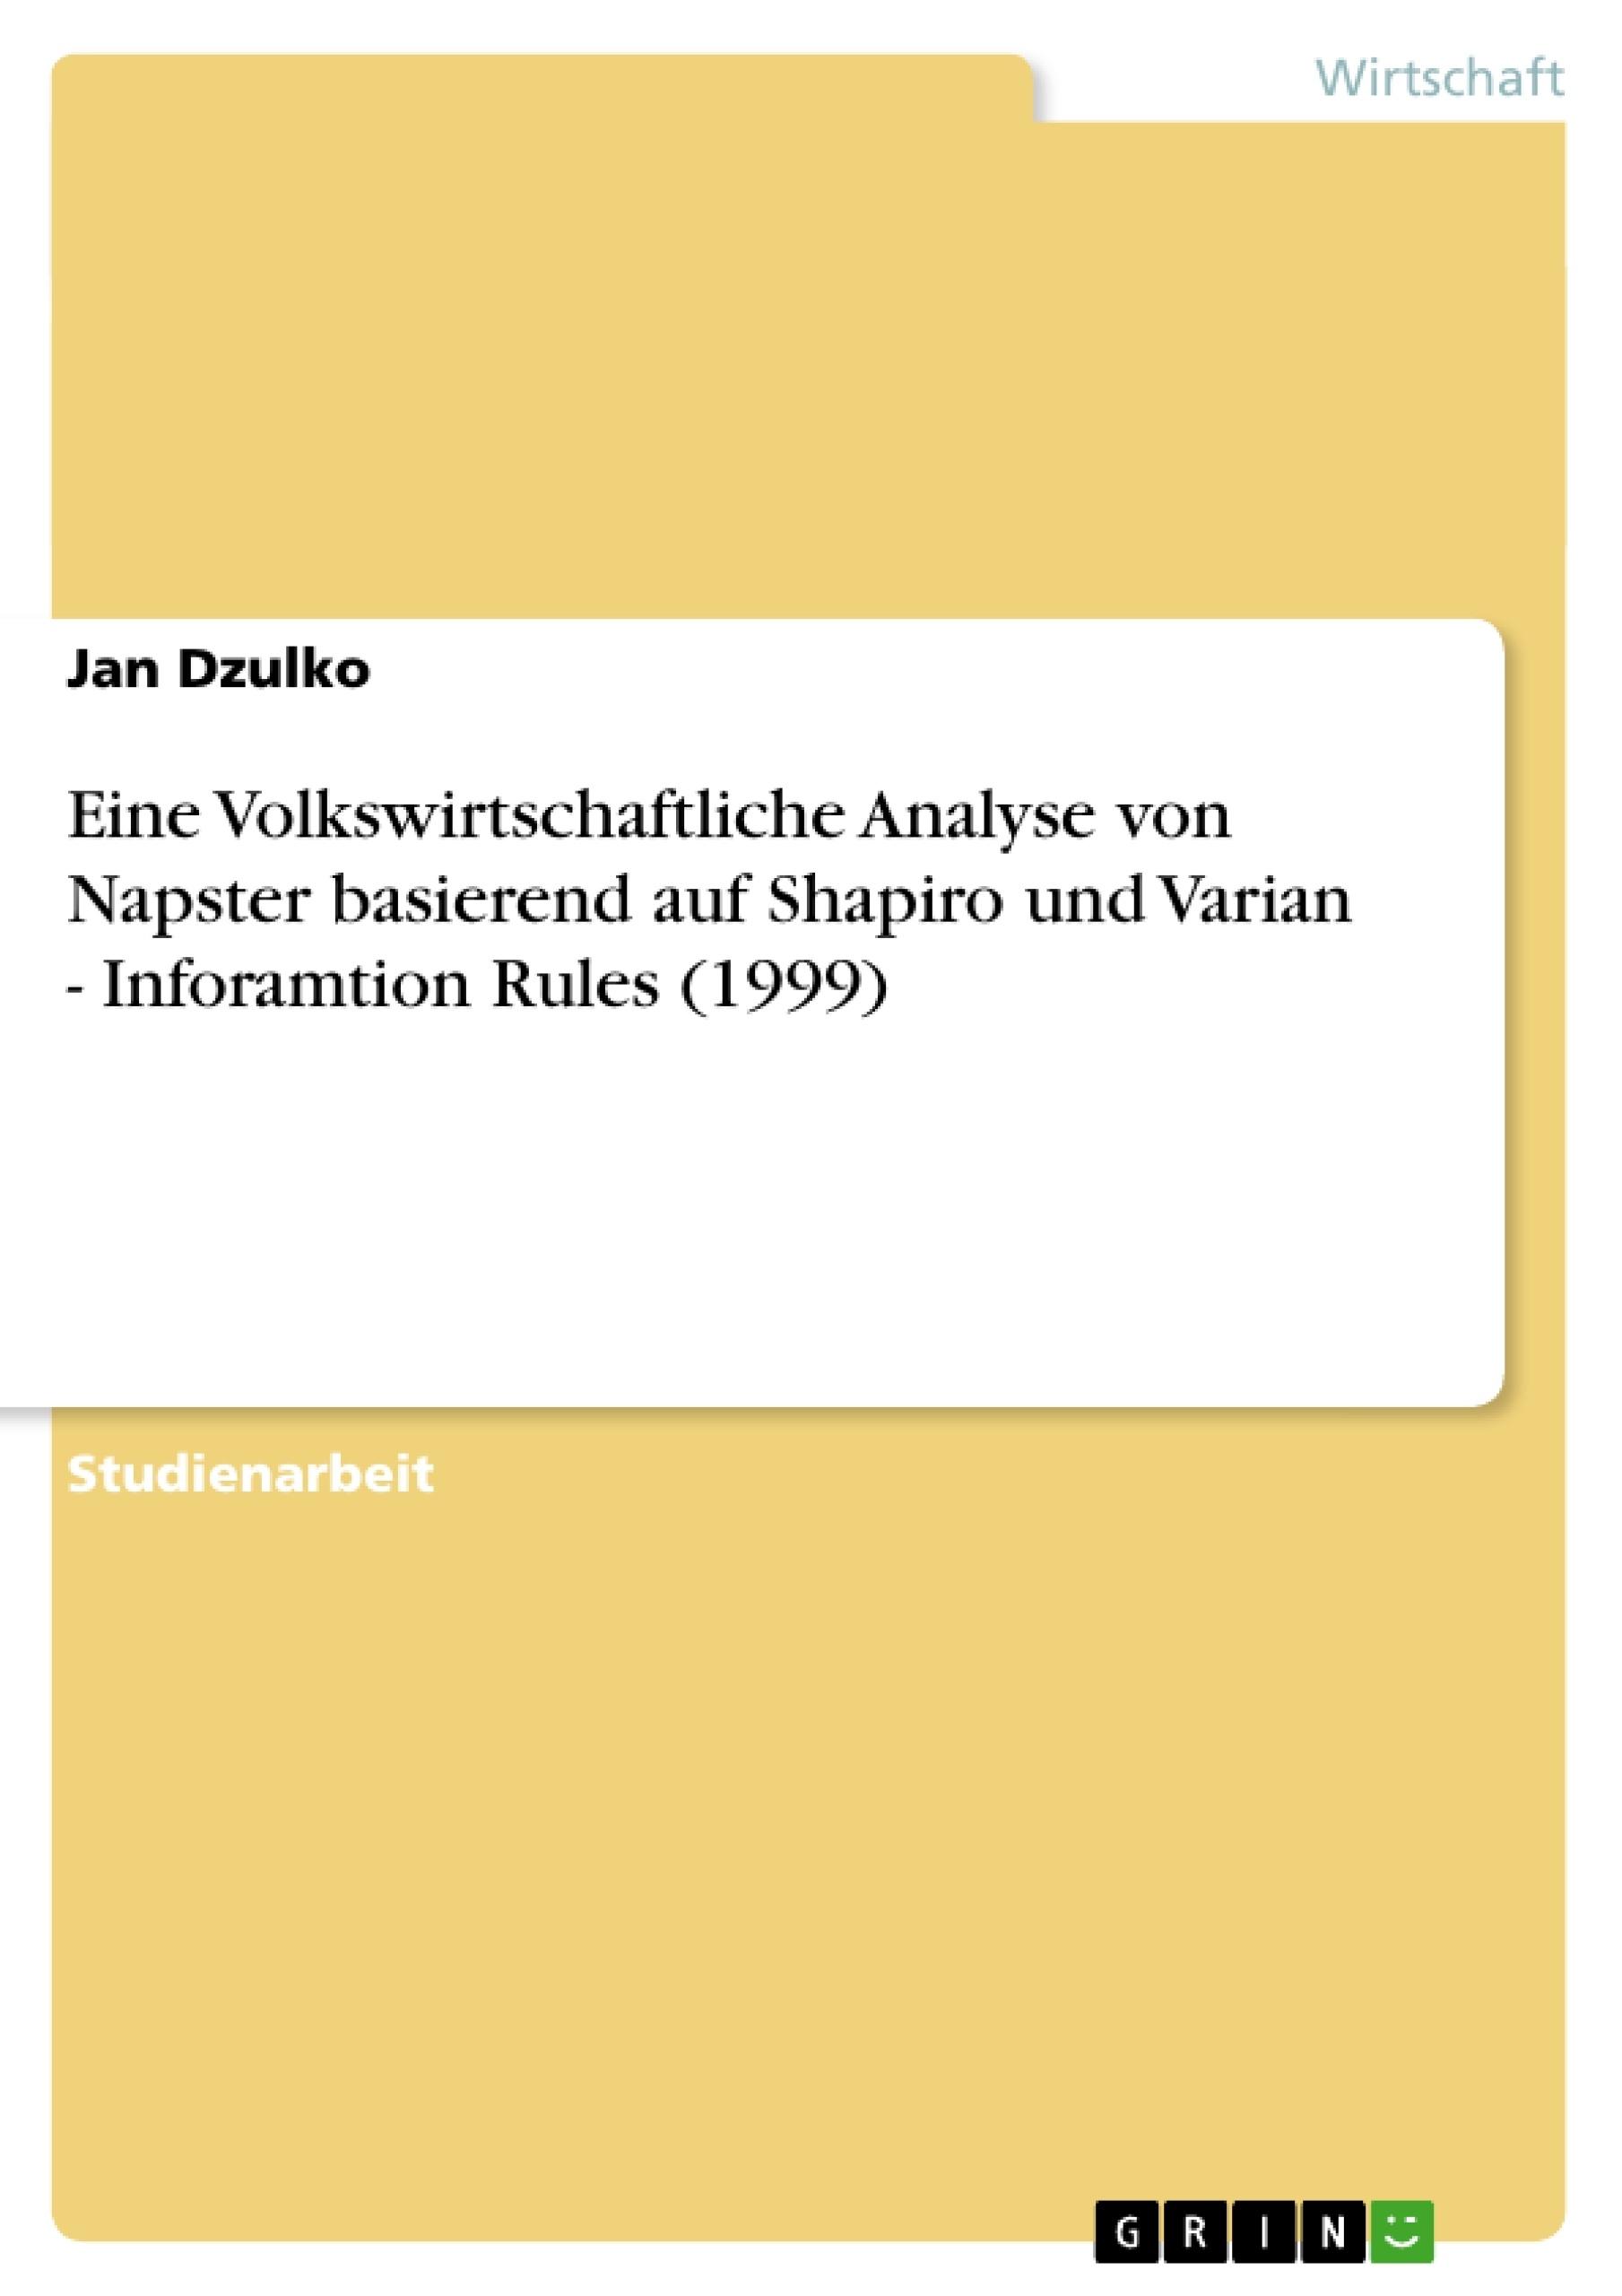 Titel: Eine Volkswirtschaftliche Analyse von Napster basierend auf Shapiro und Varian - Inforamtion Rules (1999)